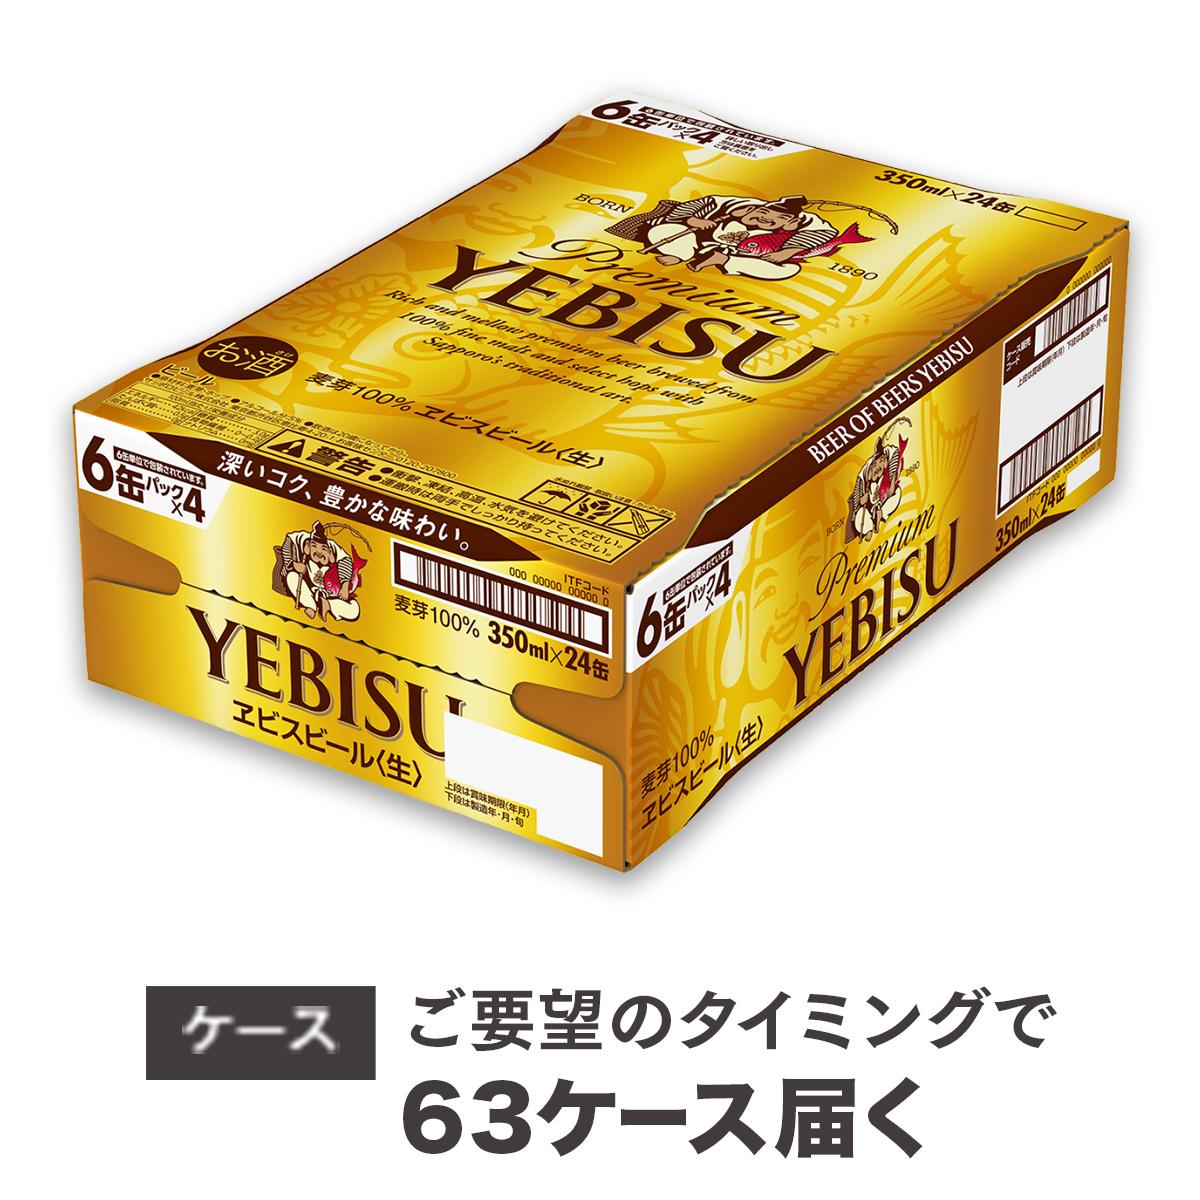 【お届け相談します】ヱビスビール 仙台工場産(350ml×24本入を63ケース)合計1,512缶